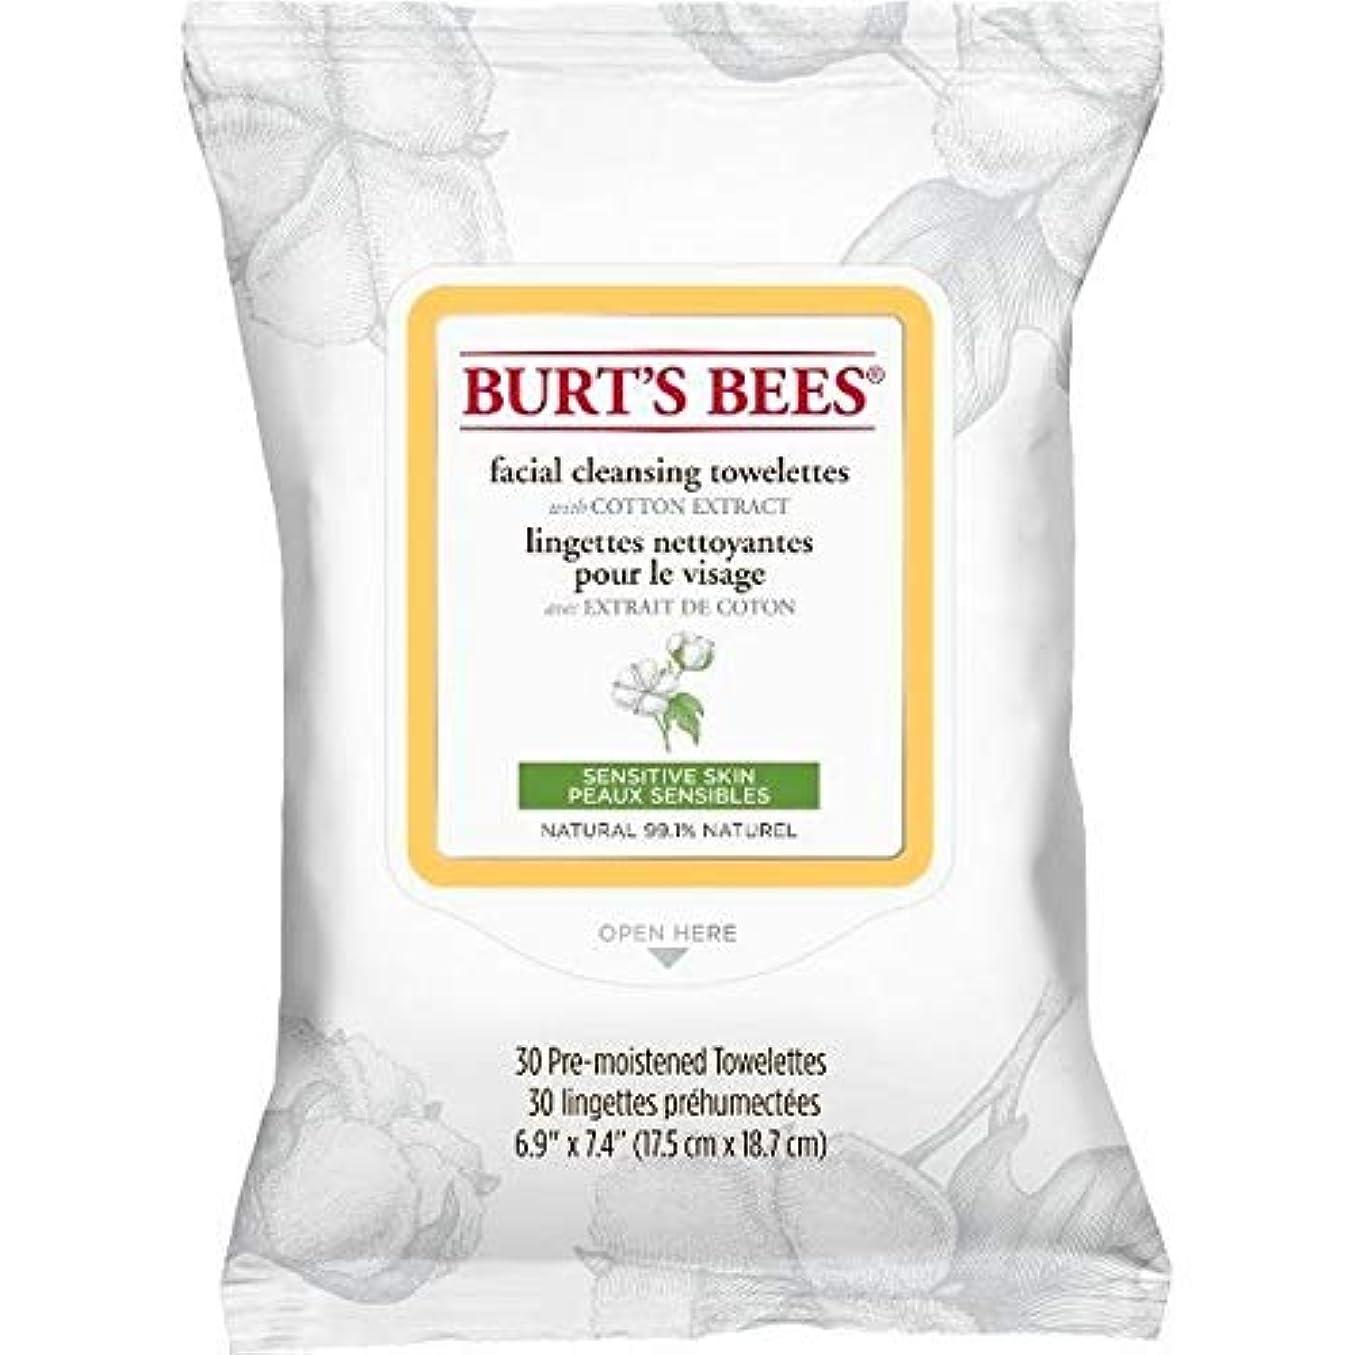 ディスコ階注入する[Burt's Bees ] バーツビー敏感な顔の浄化用ペーパータオルエキスX30 - Burt's Bees Sensitive Facial Cleanse Towelettes Extract x30 [並行輸入品]